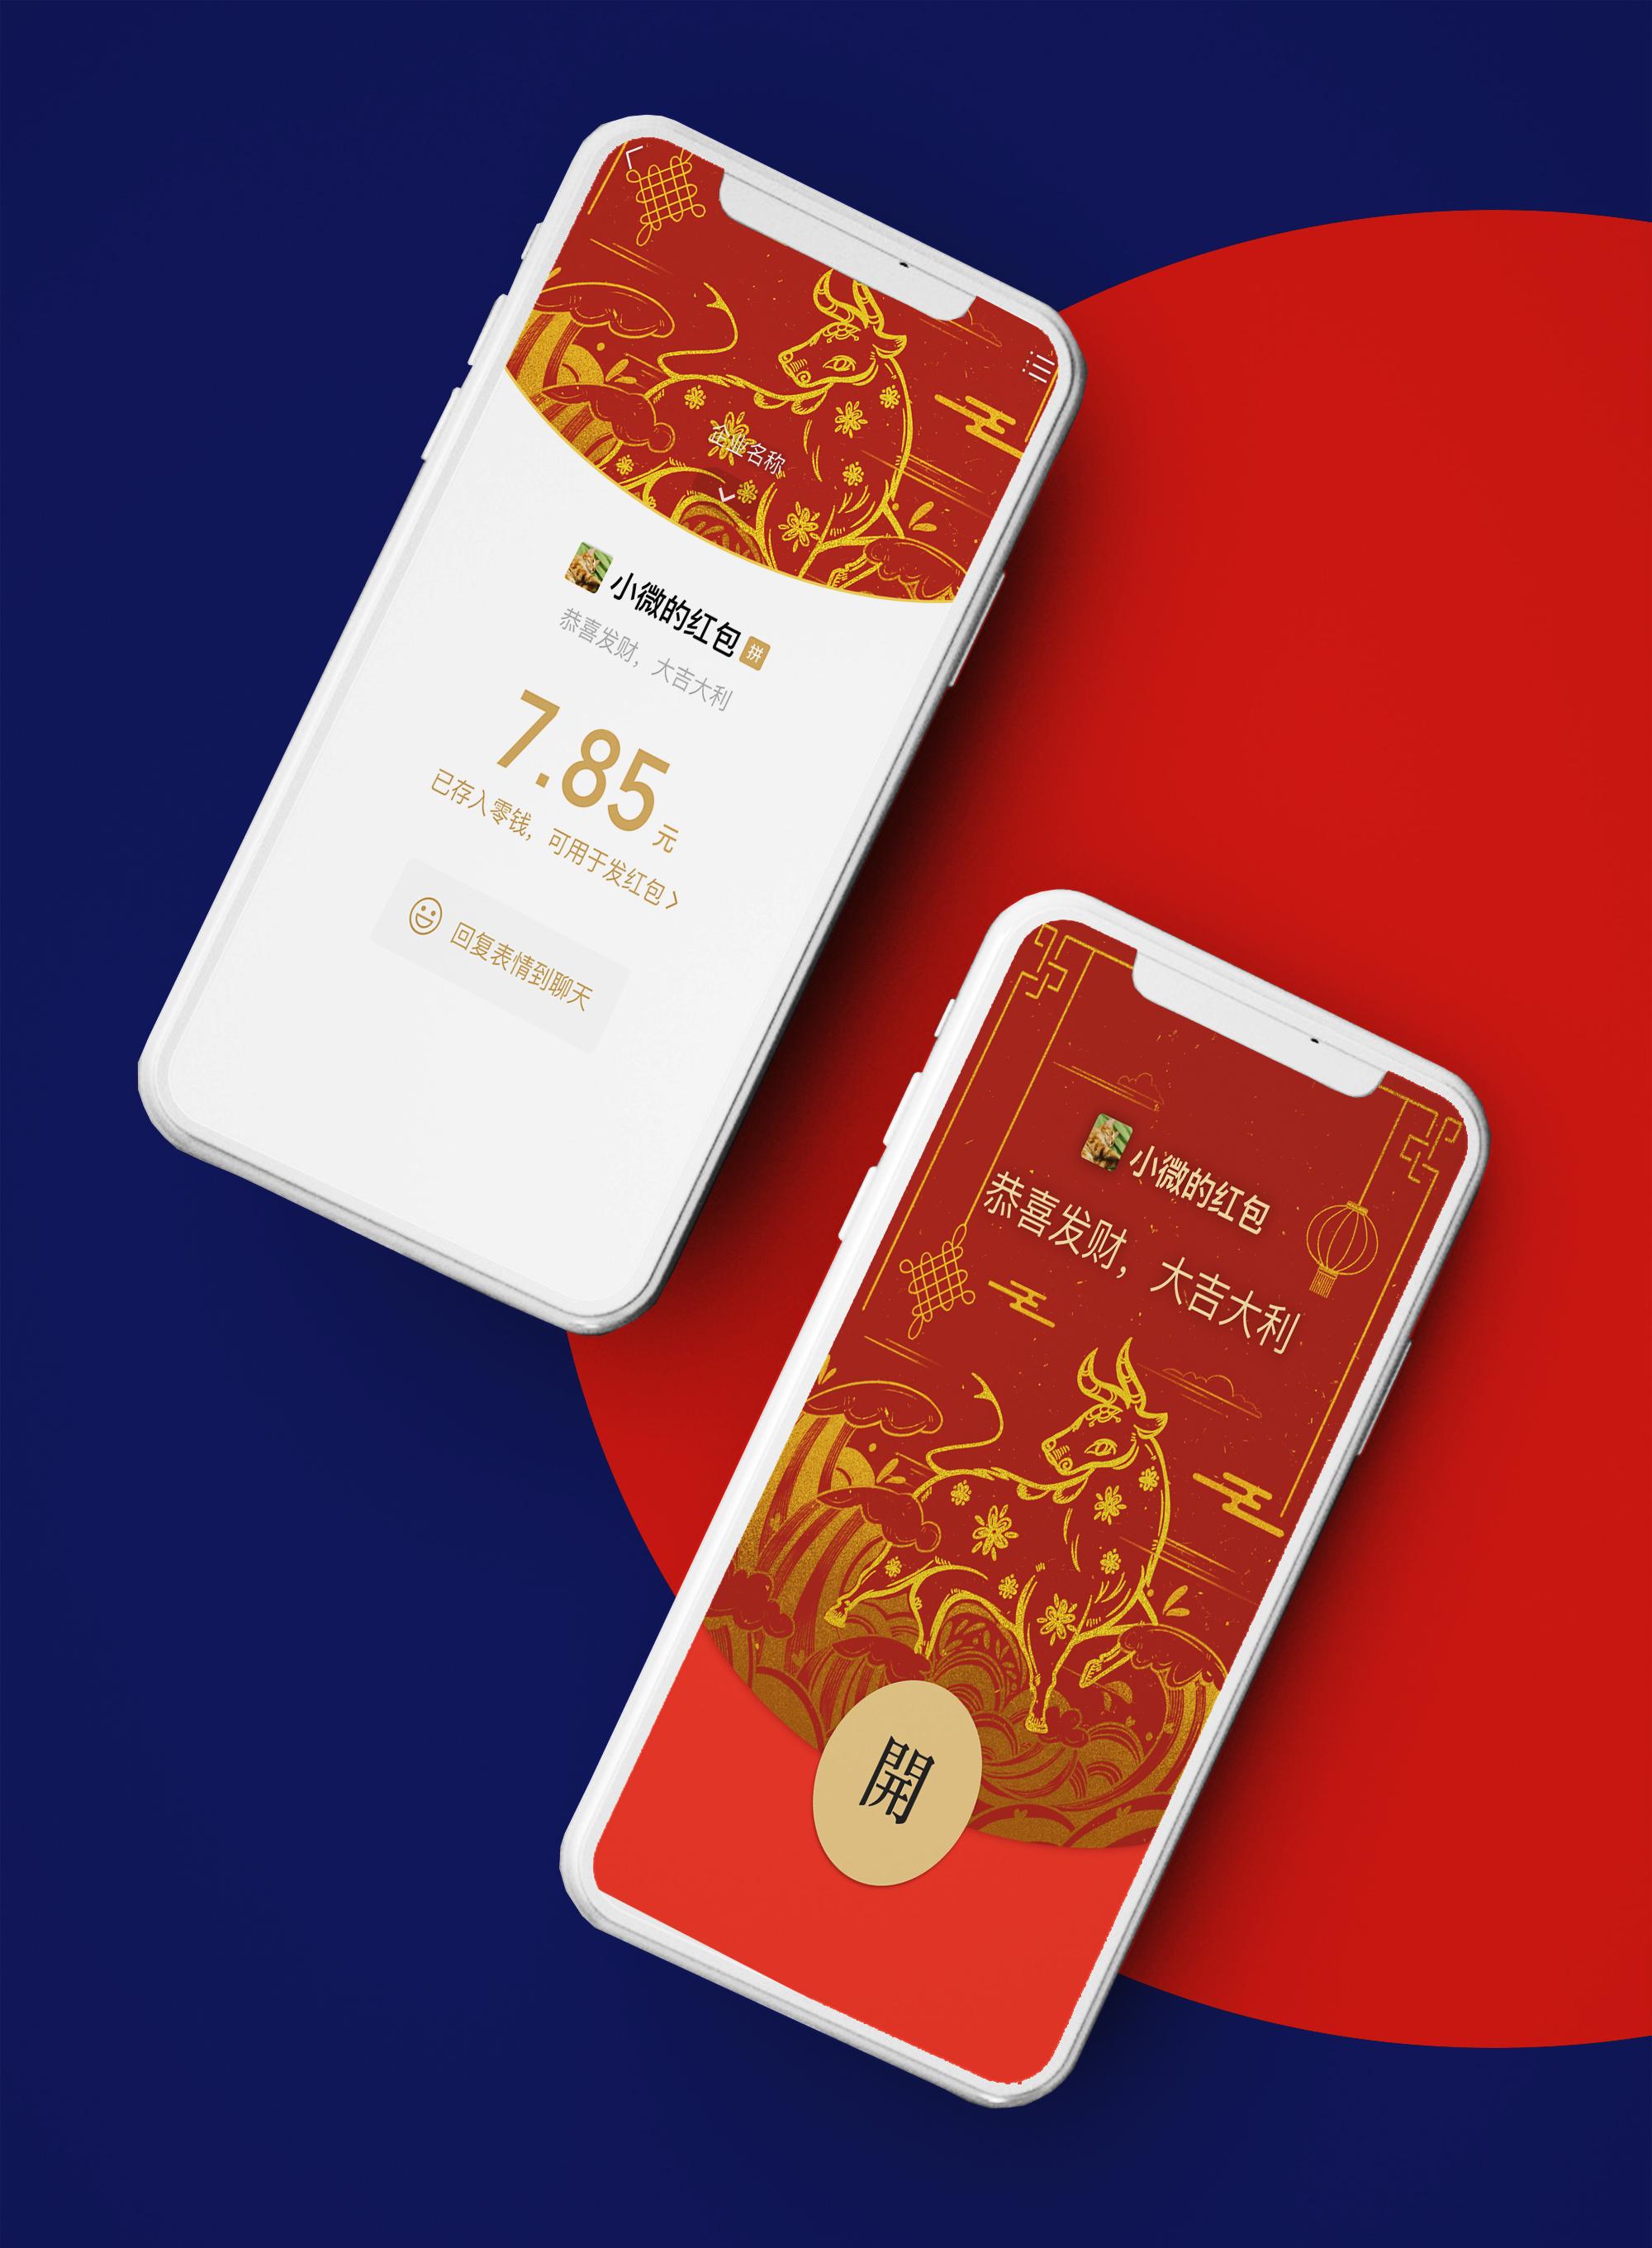 微信红包企业/个人红包封面插画定制设计图案图样品牌文化插图